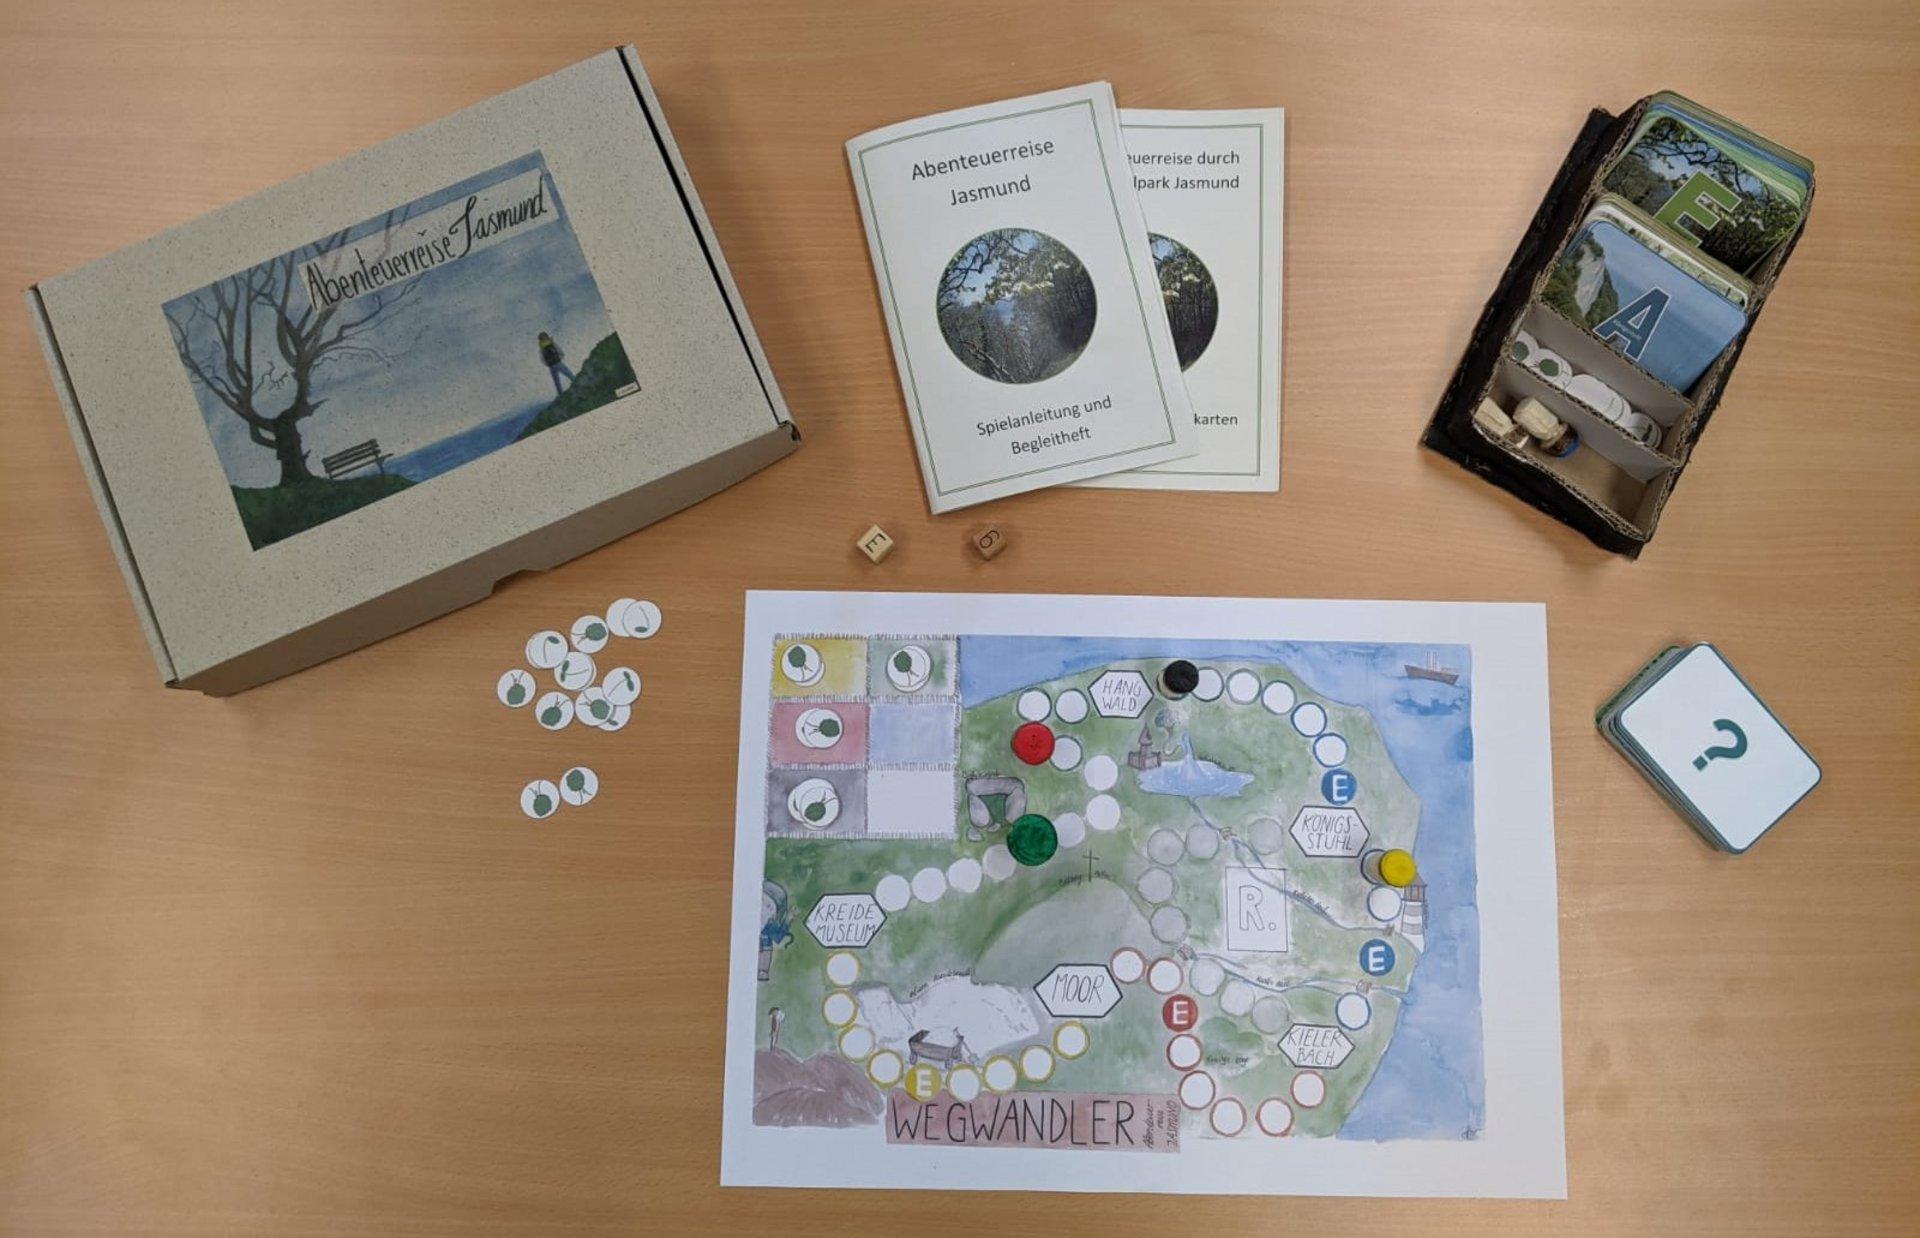 Würfel-Brettspiel mit Anleitung und Spielkarten